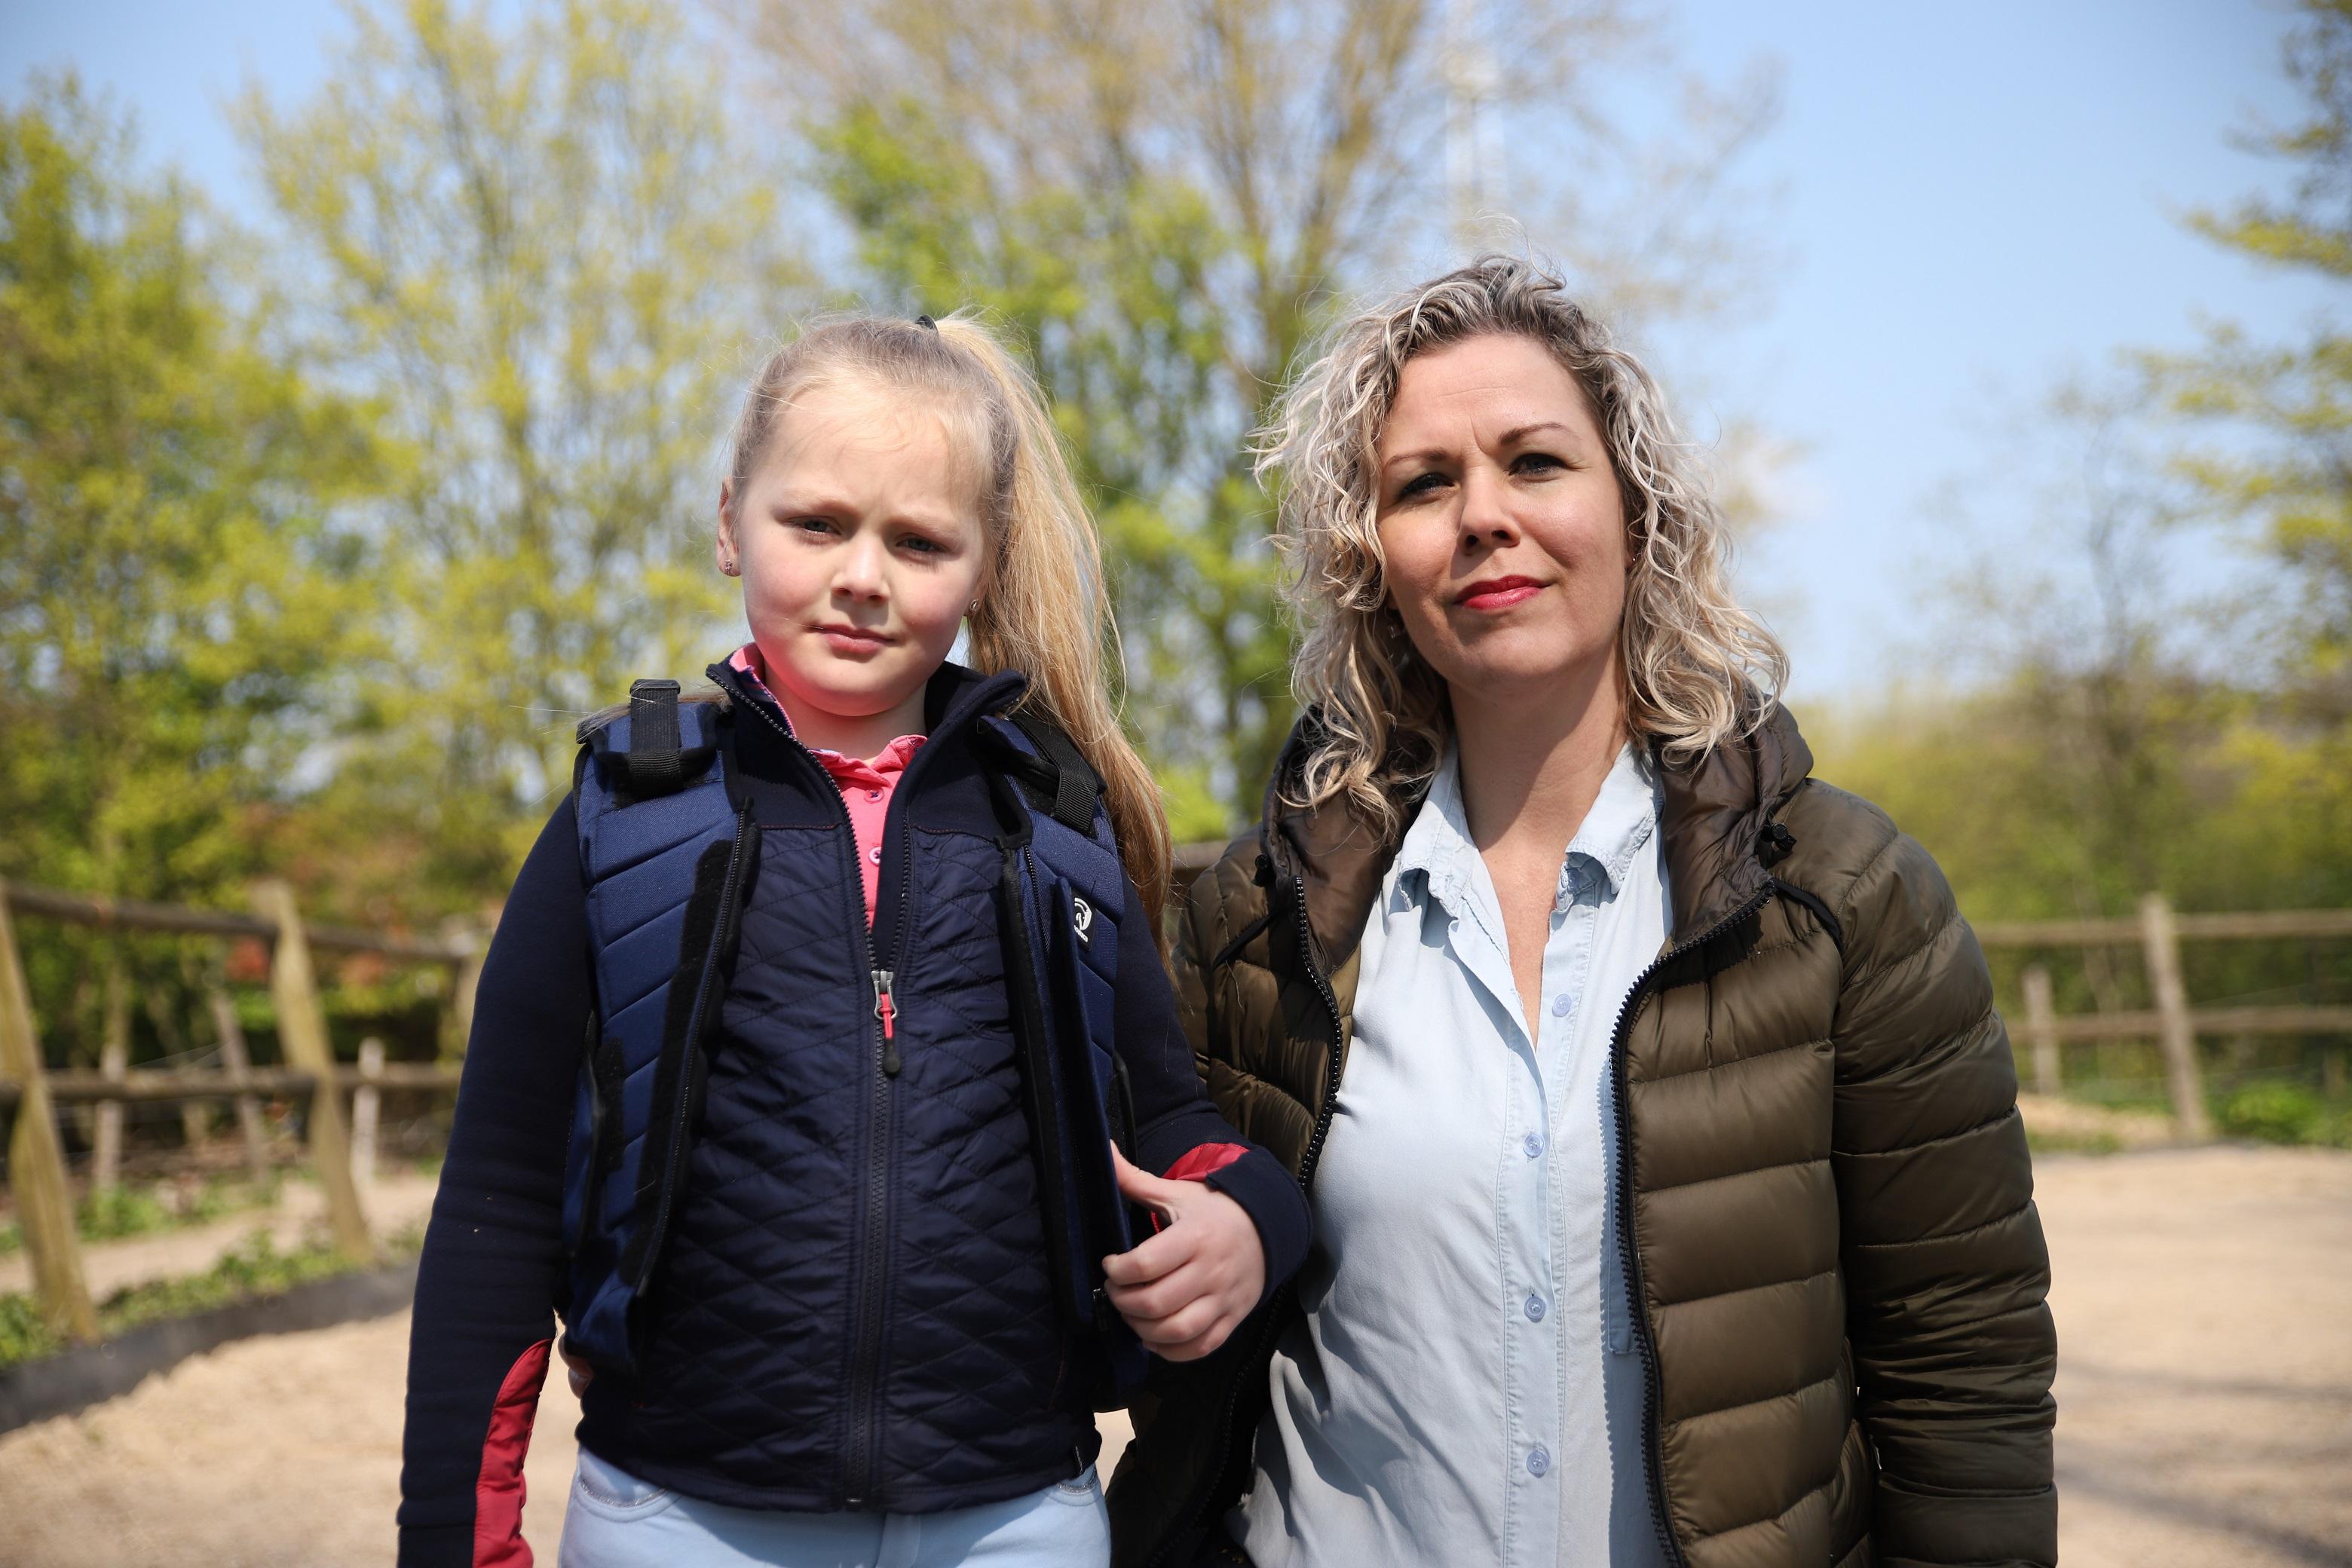 Chantal en Wies outdoor selectie verkleind